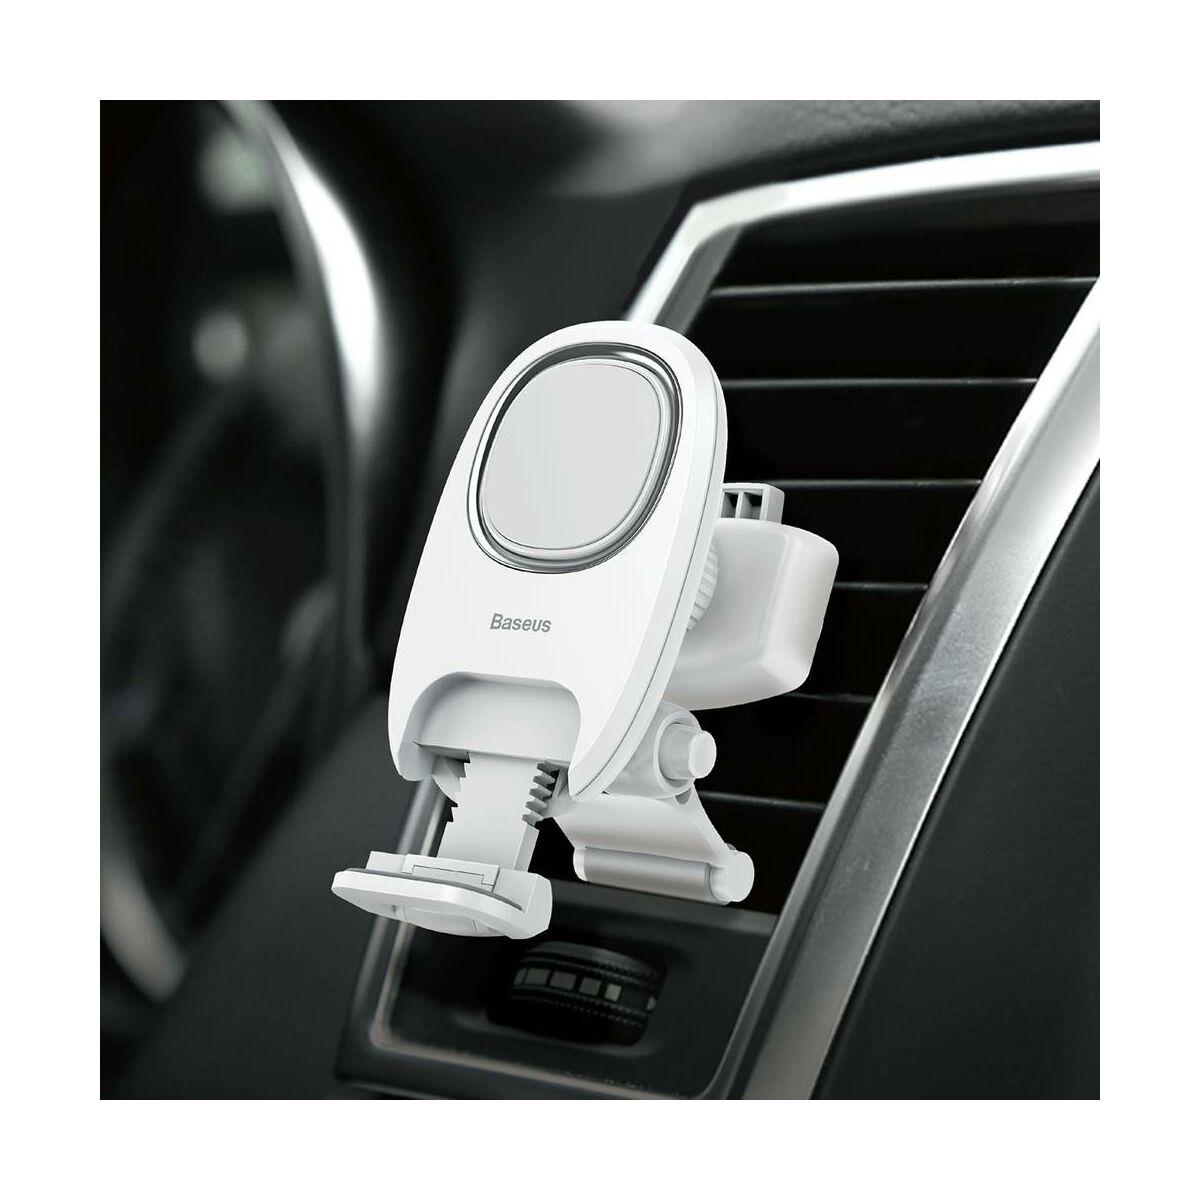 Baseus autós telefon tartó, Xiaochun mágneses, szellőzőrácsra, fehér (SUCH-02)